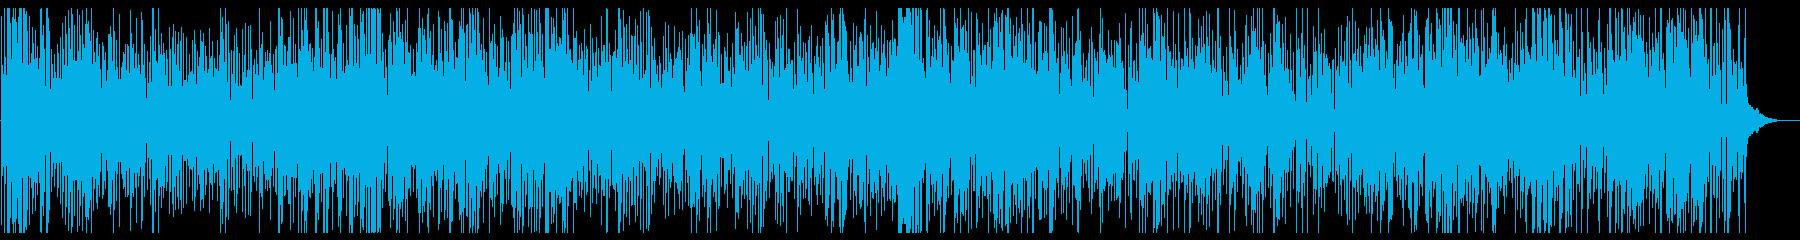 ヨーロッパの街角音楽の再生済みの波形